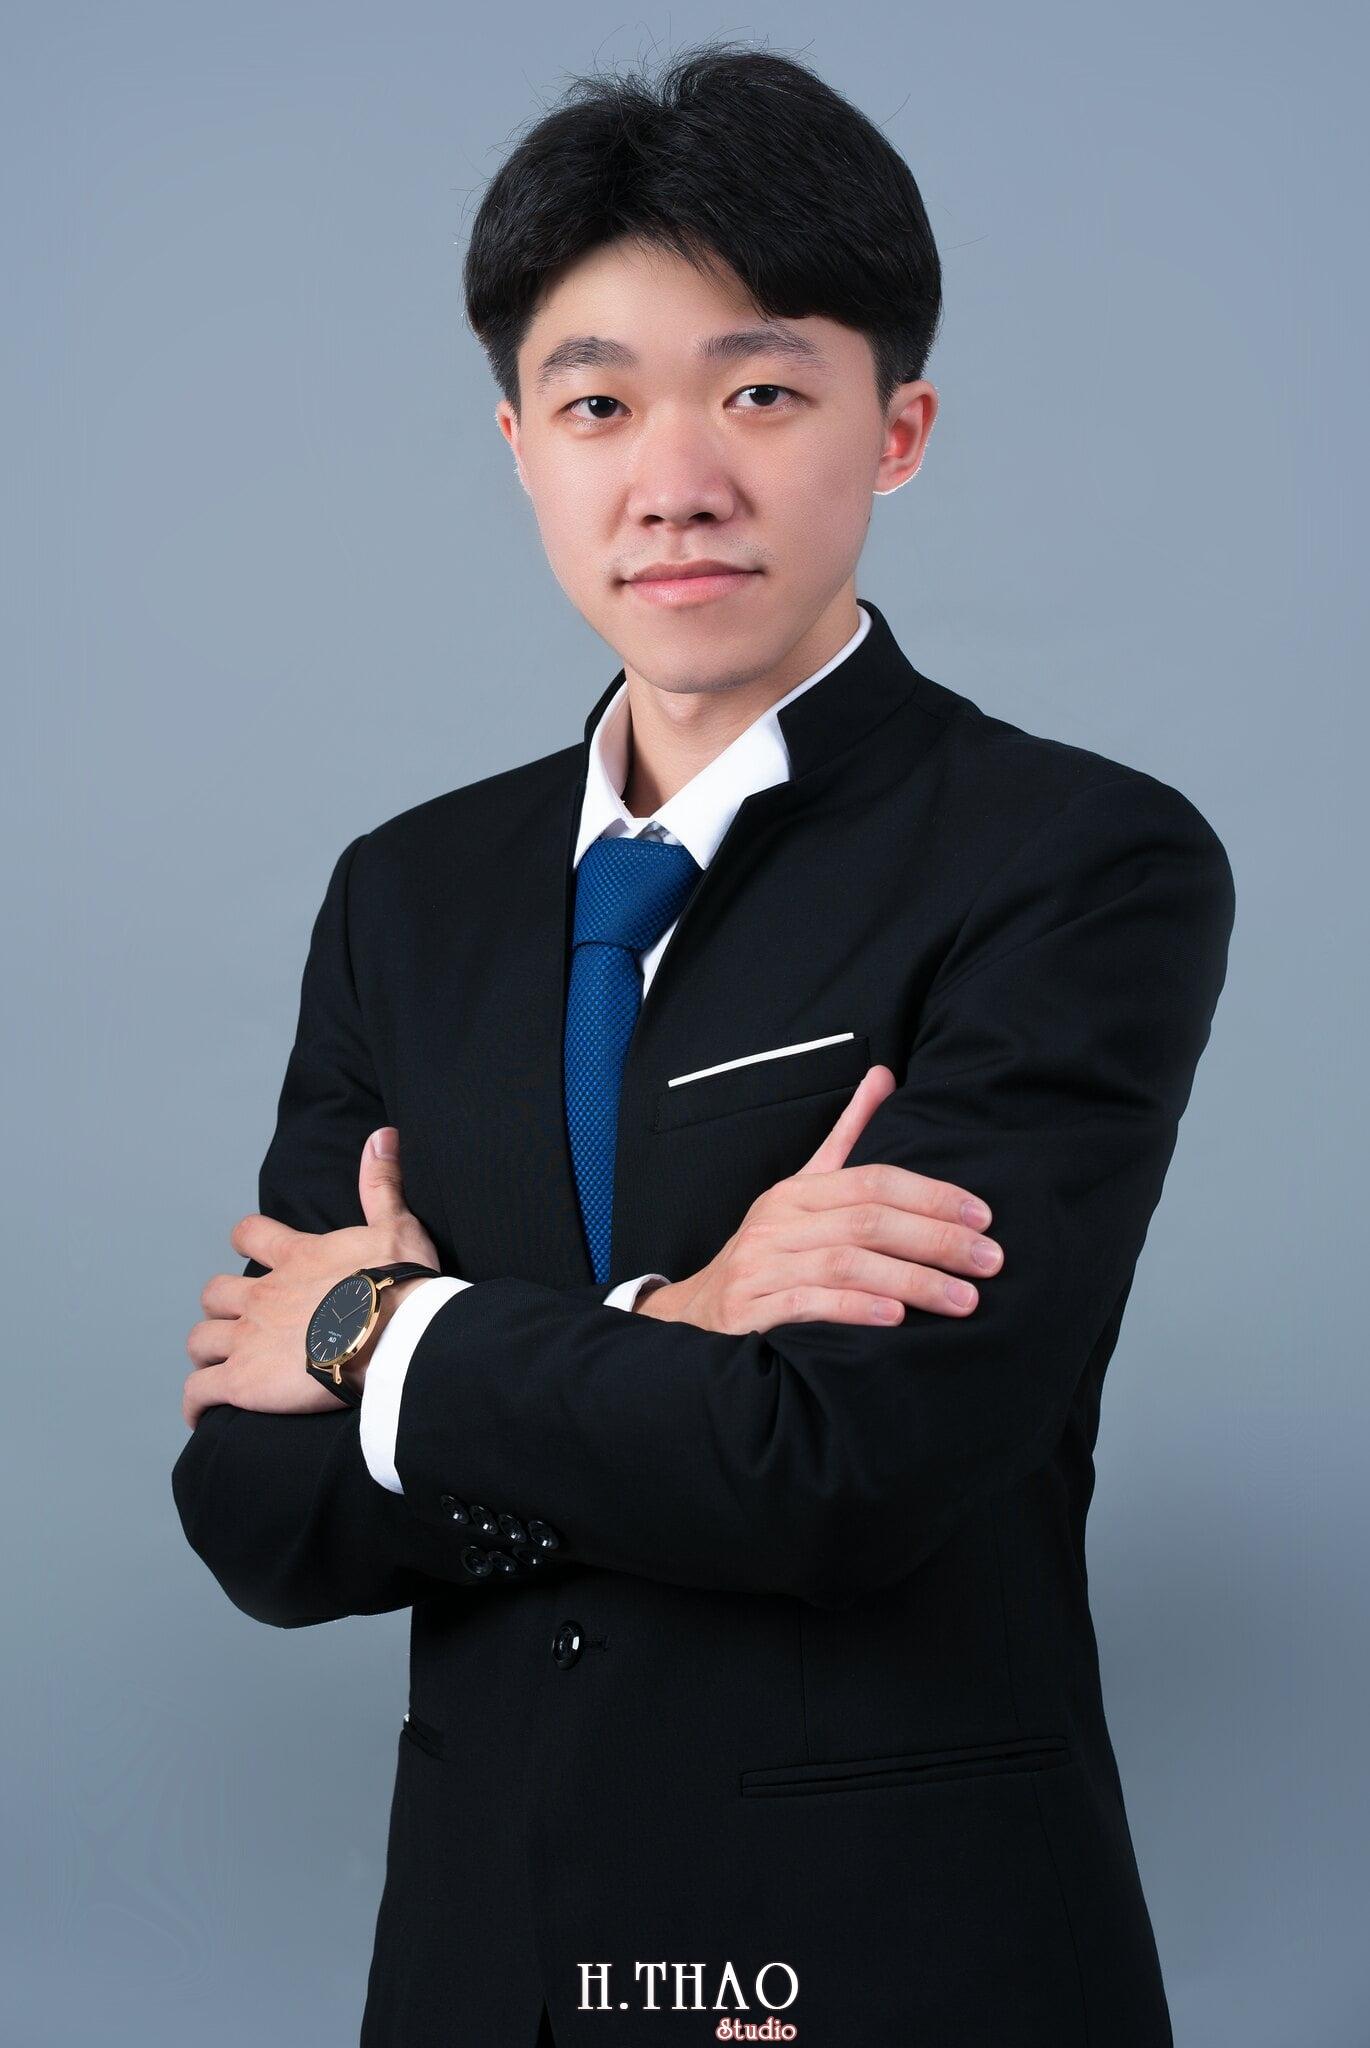 Ảnh profile nam chuyên nghiệp